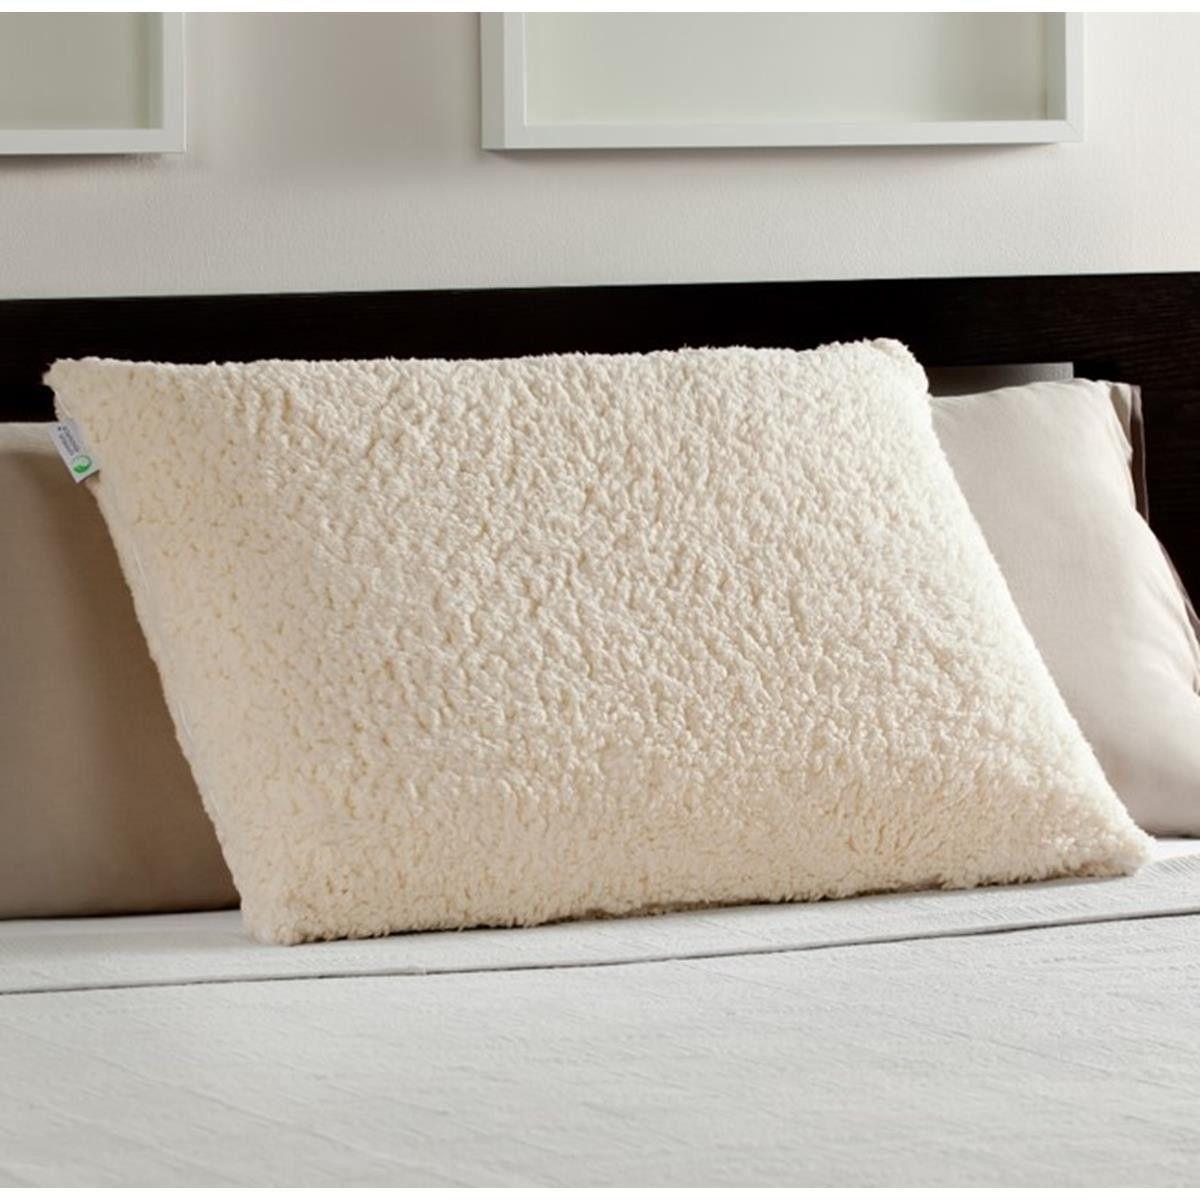 revolution cooling b mattress gel memory pillow hydraluxe comforter comfort foam cubes